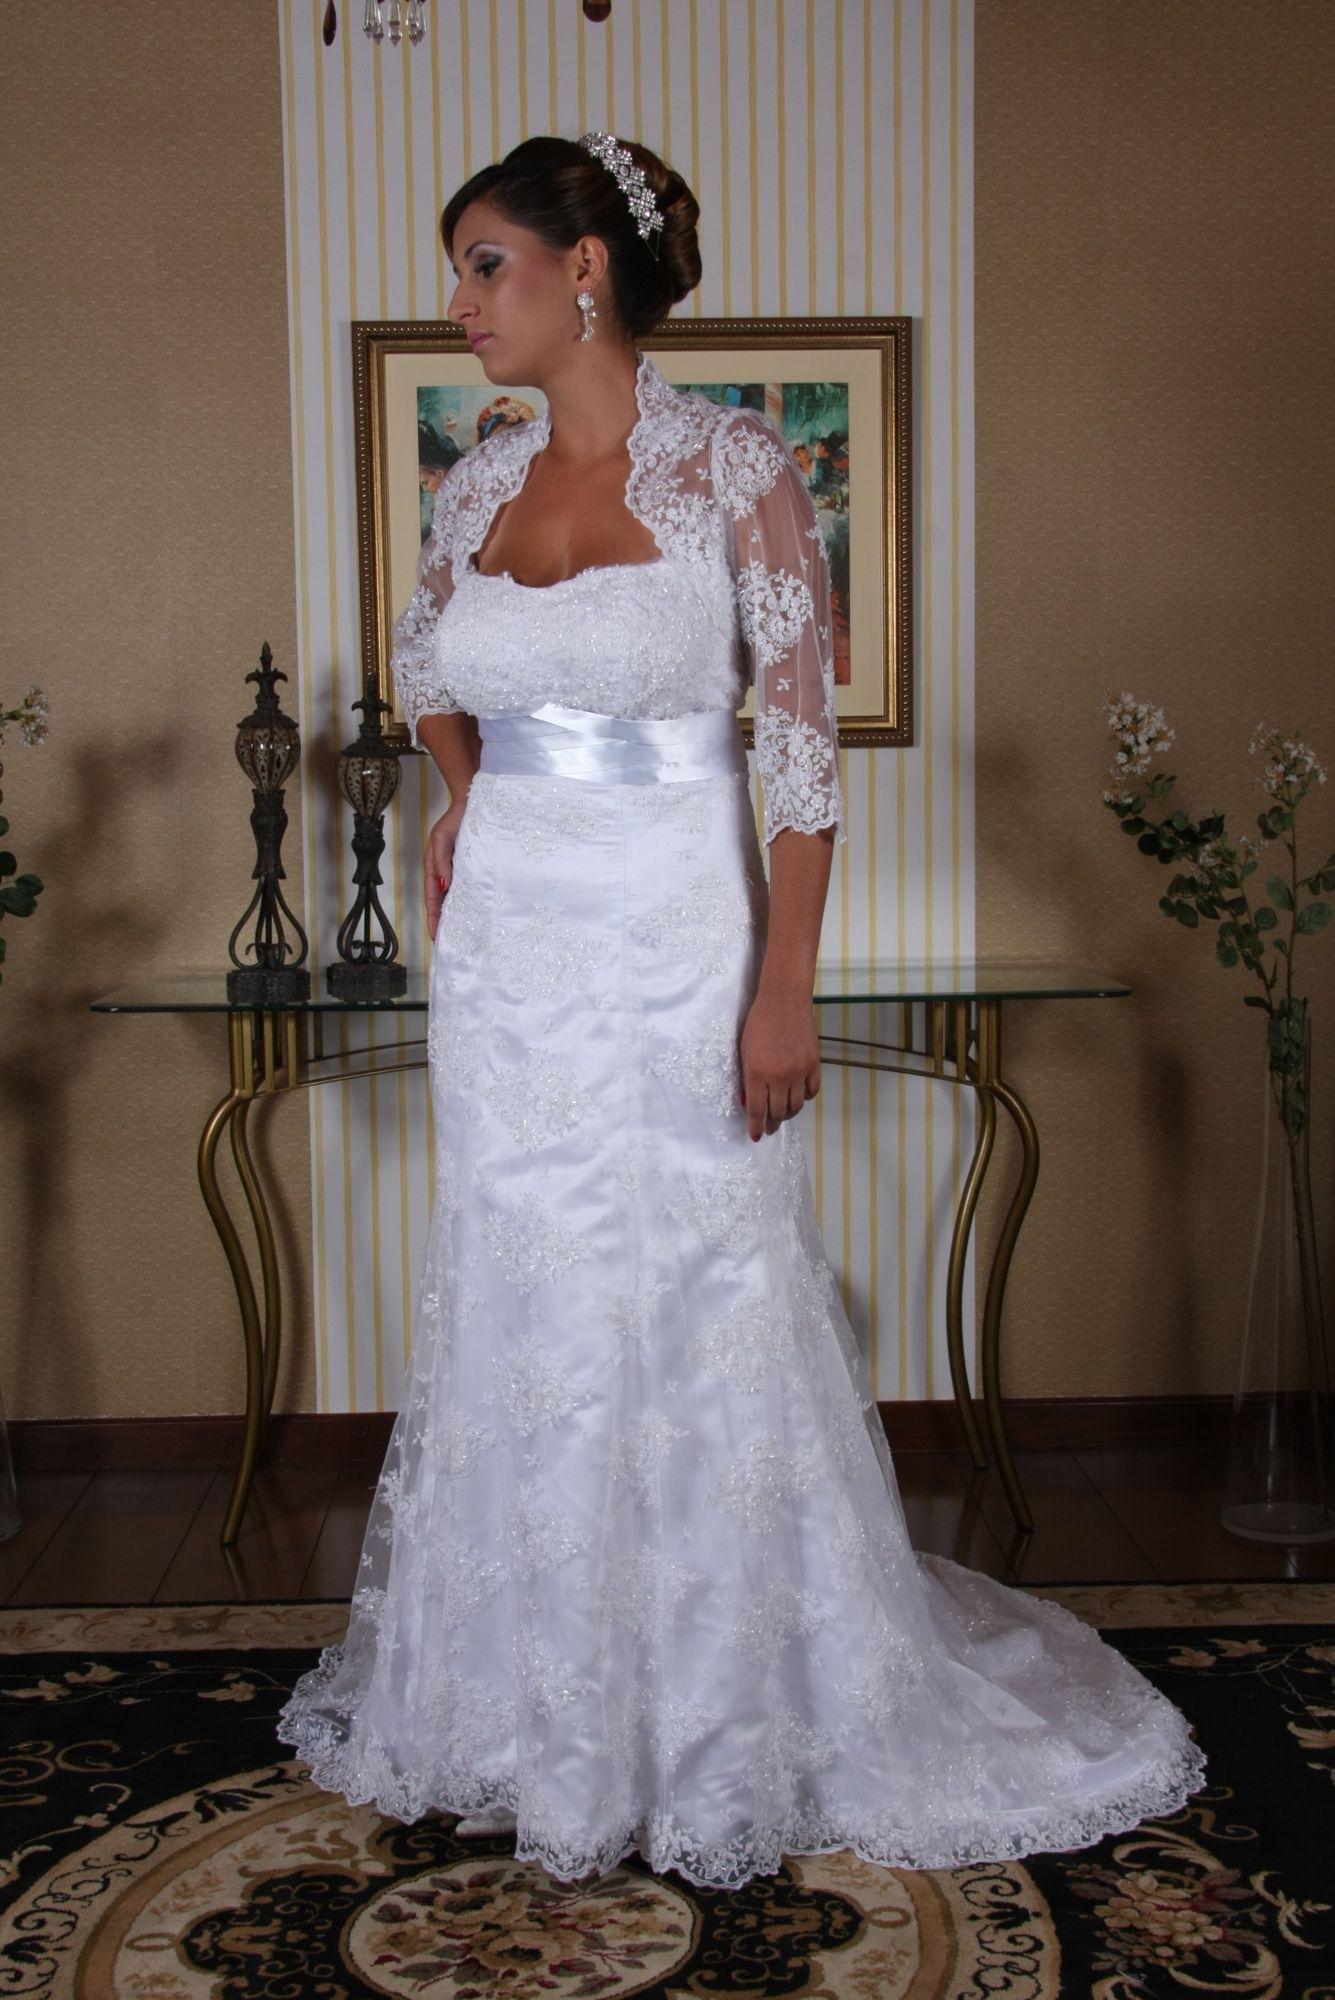 Vestido de Noiva Semi Sereia - 7 - Hipnose Alta Costura e Spa para Noivas e Noivos - Campinas - SP Vestido de Noiva, Vestido de Noiva Semi Sereia, Hipnose Alta Costura